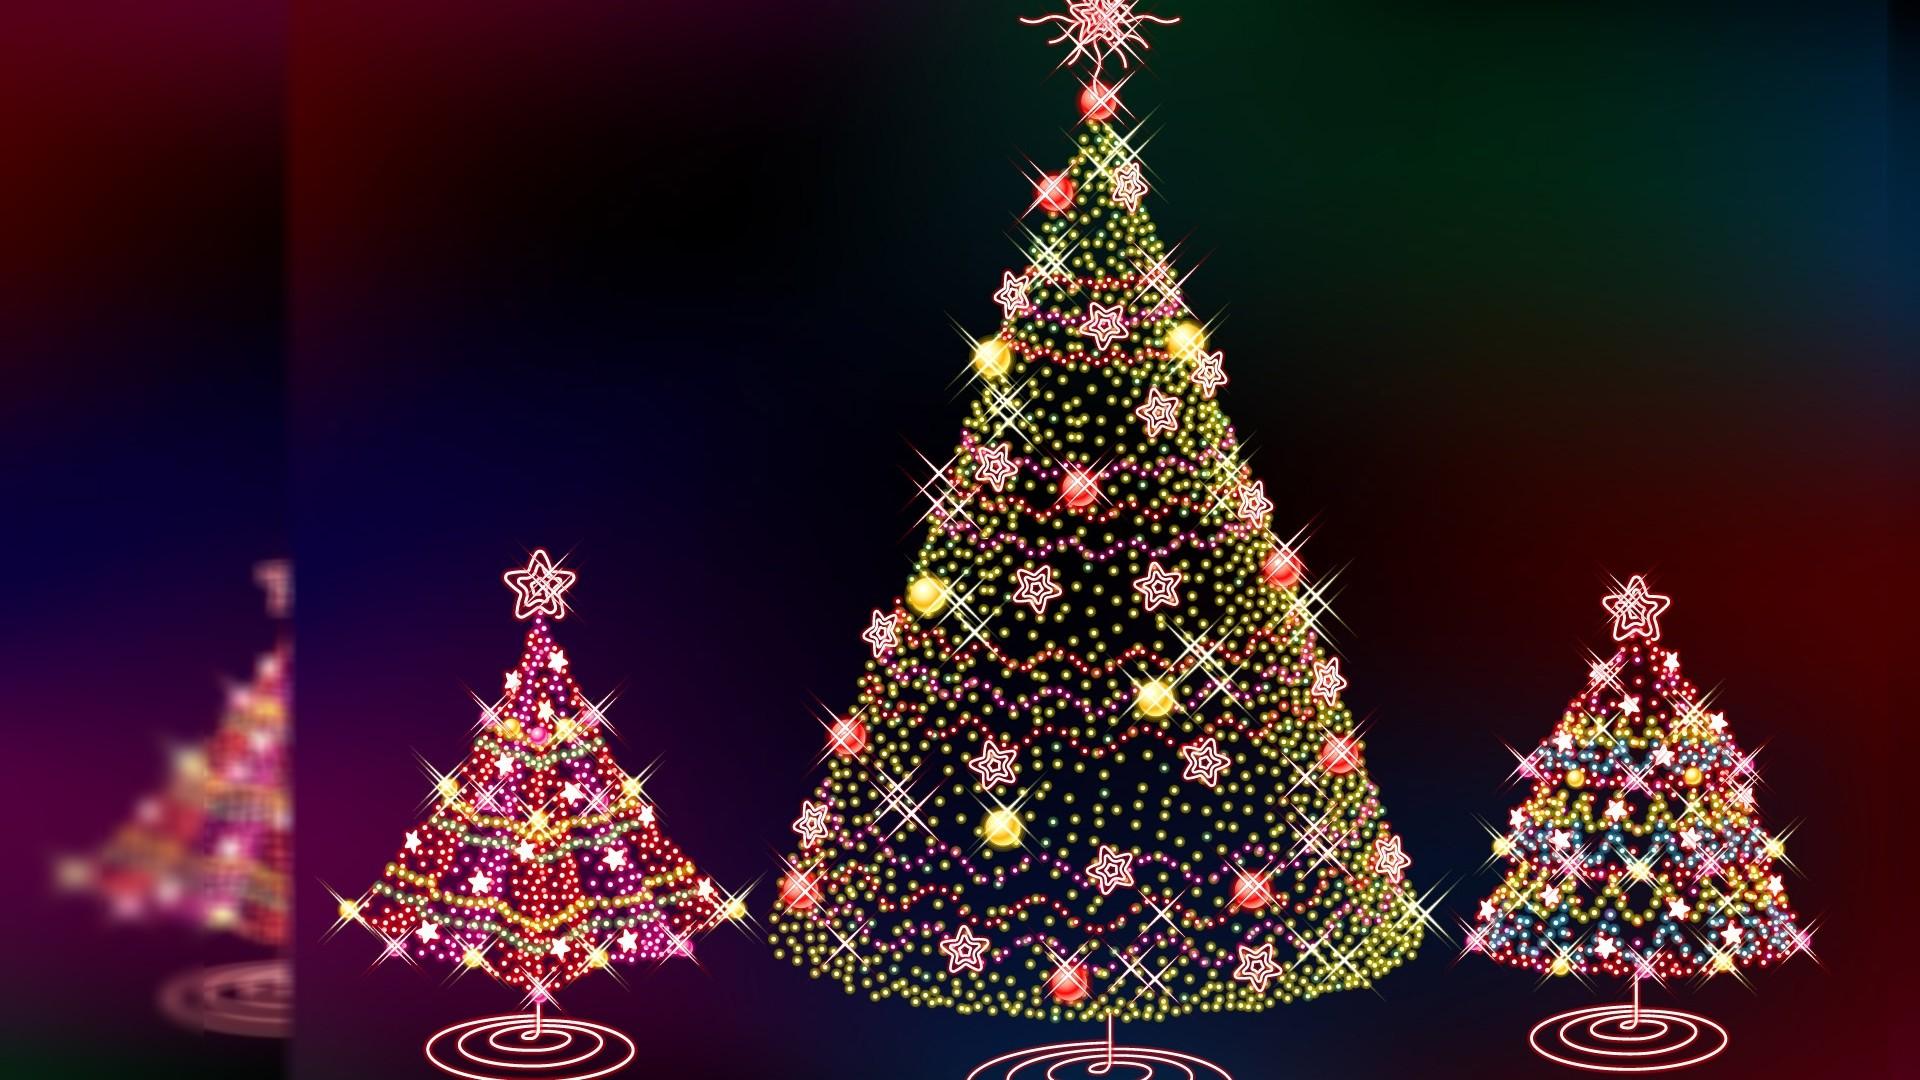 Christmas Wallpaper For Desktop.Christmas Ornaments Wallpaper For Desktop 80 Images